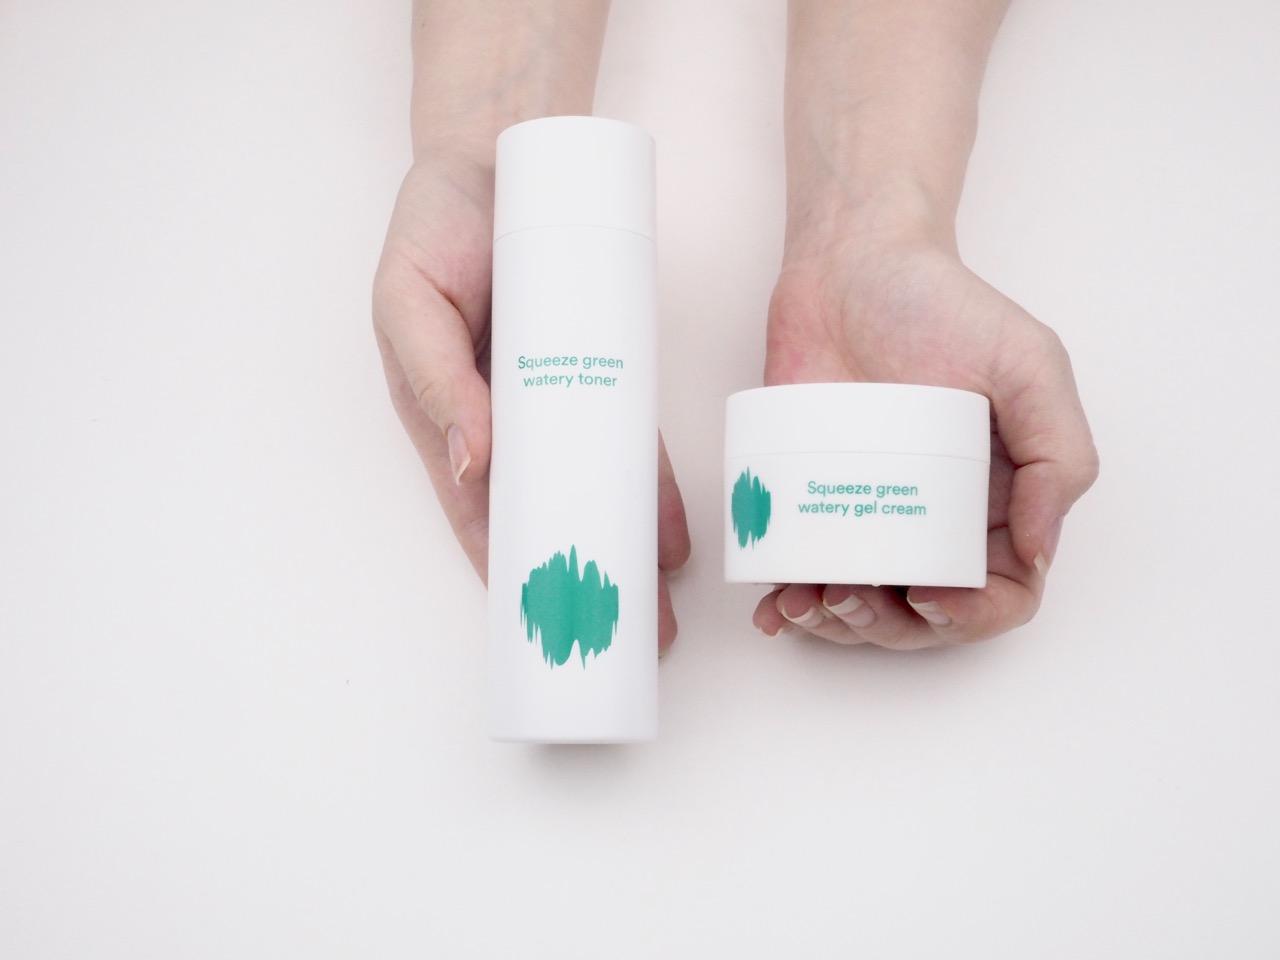 Ostolakossa E Nature Korealainen kosmetiikka kokemuksia Virve Vee